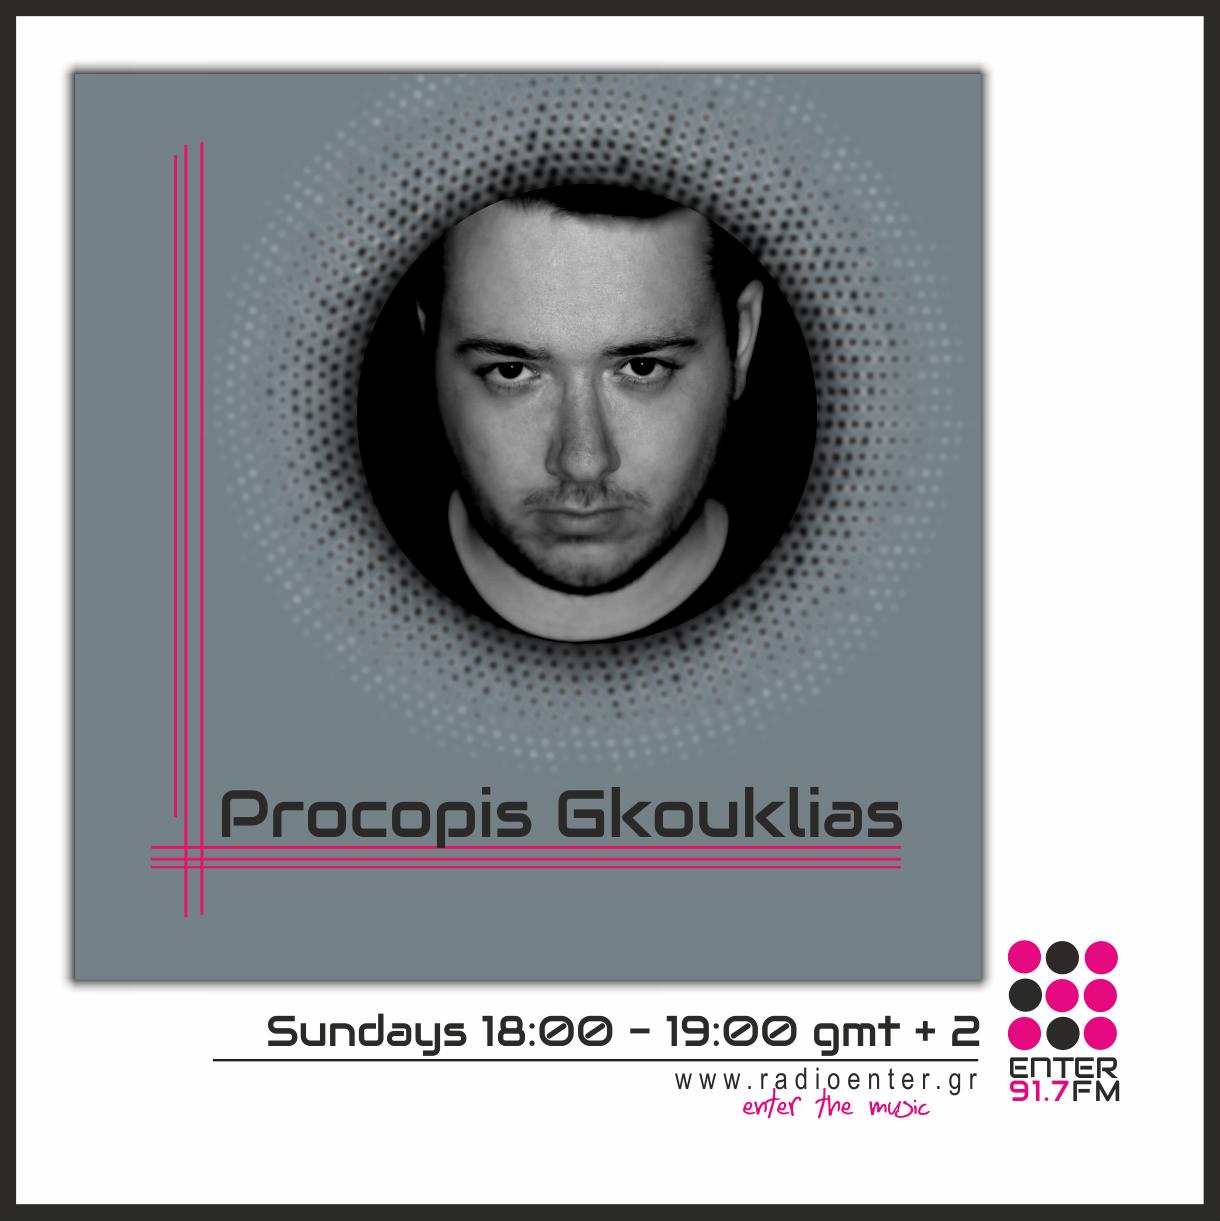 Procopis Gkoyklias _ Radio Enter 2018